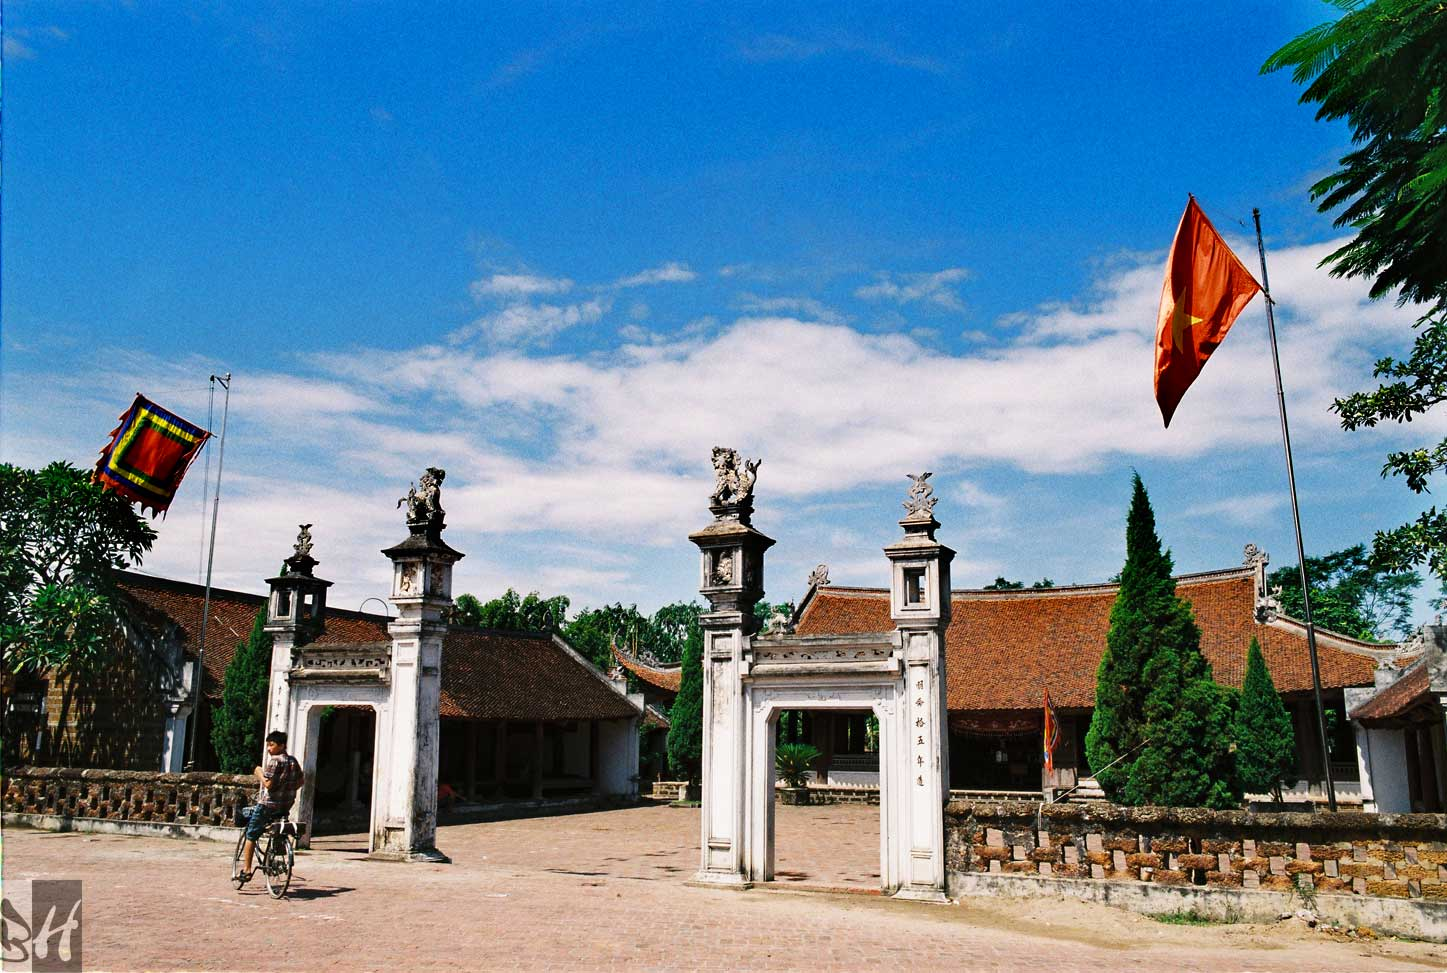 Maison communale, Đường Lâm, Vietnam